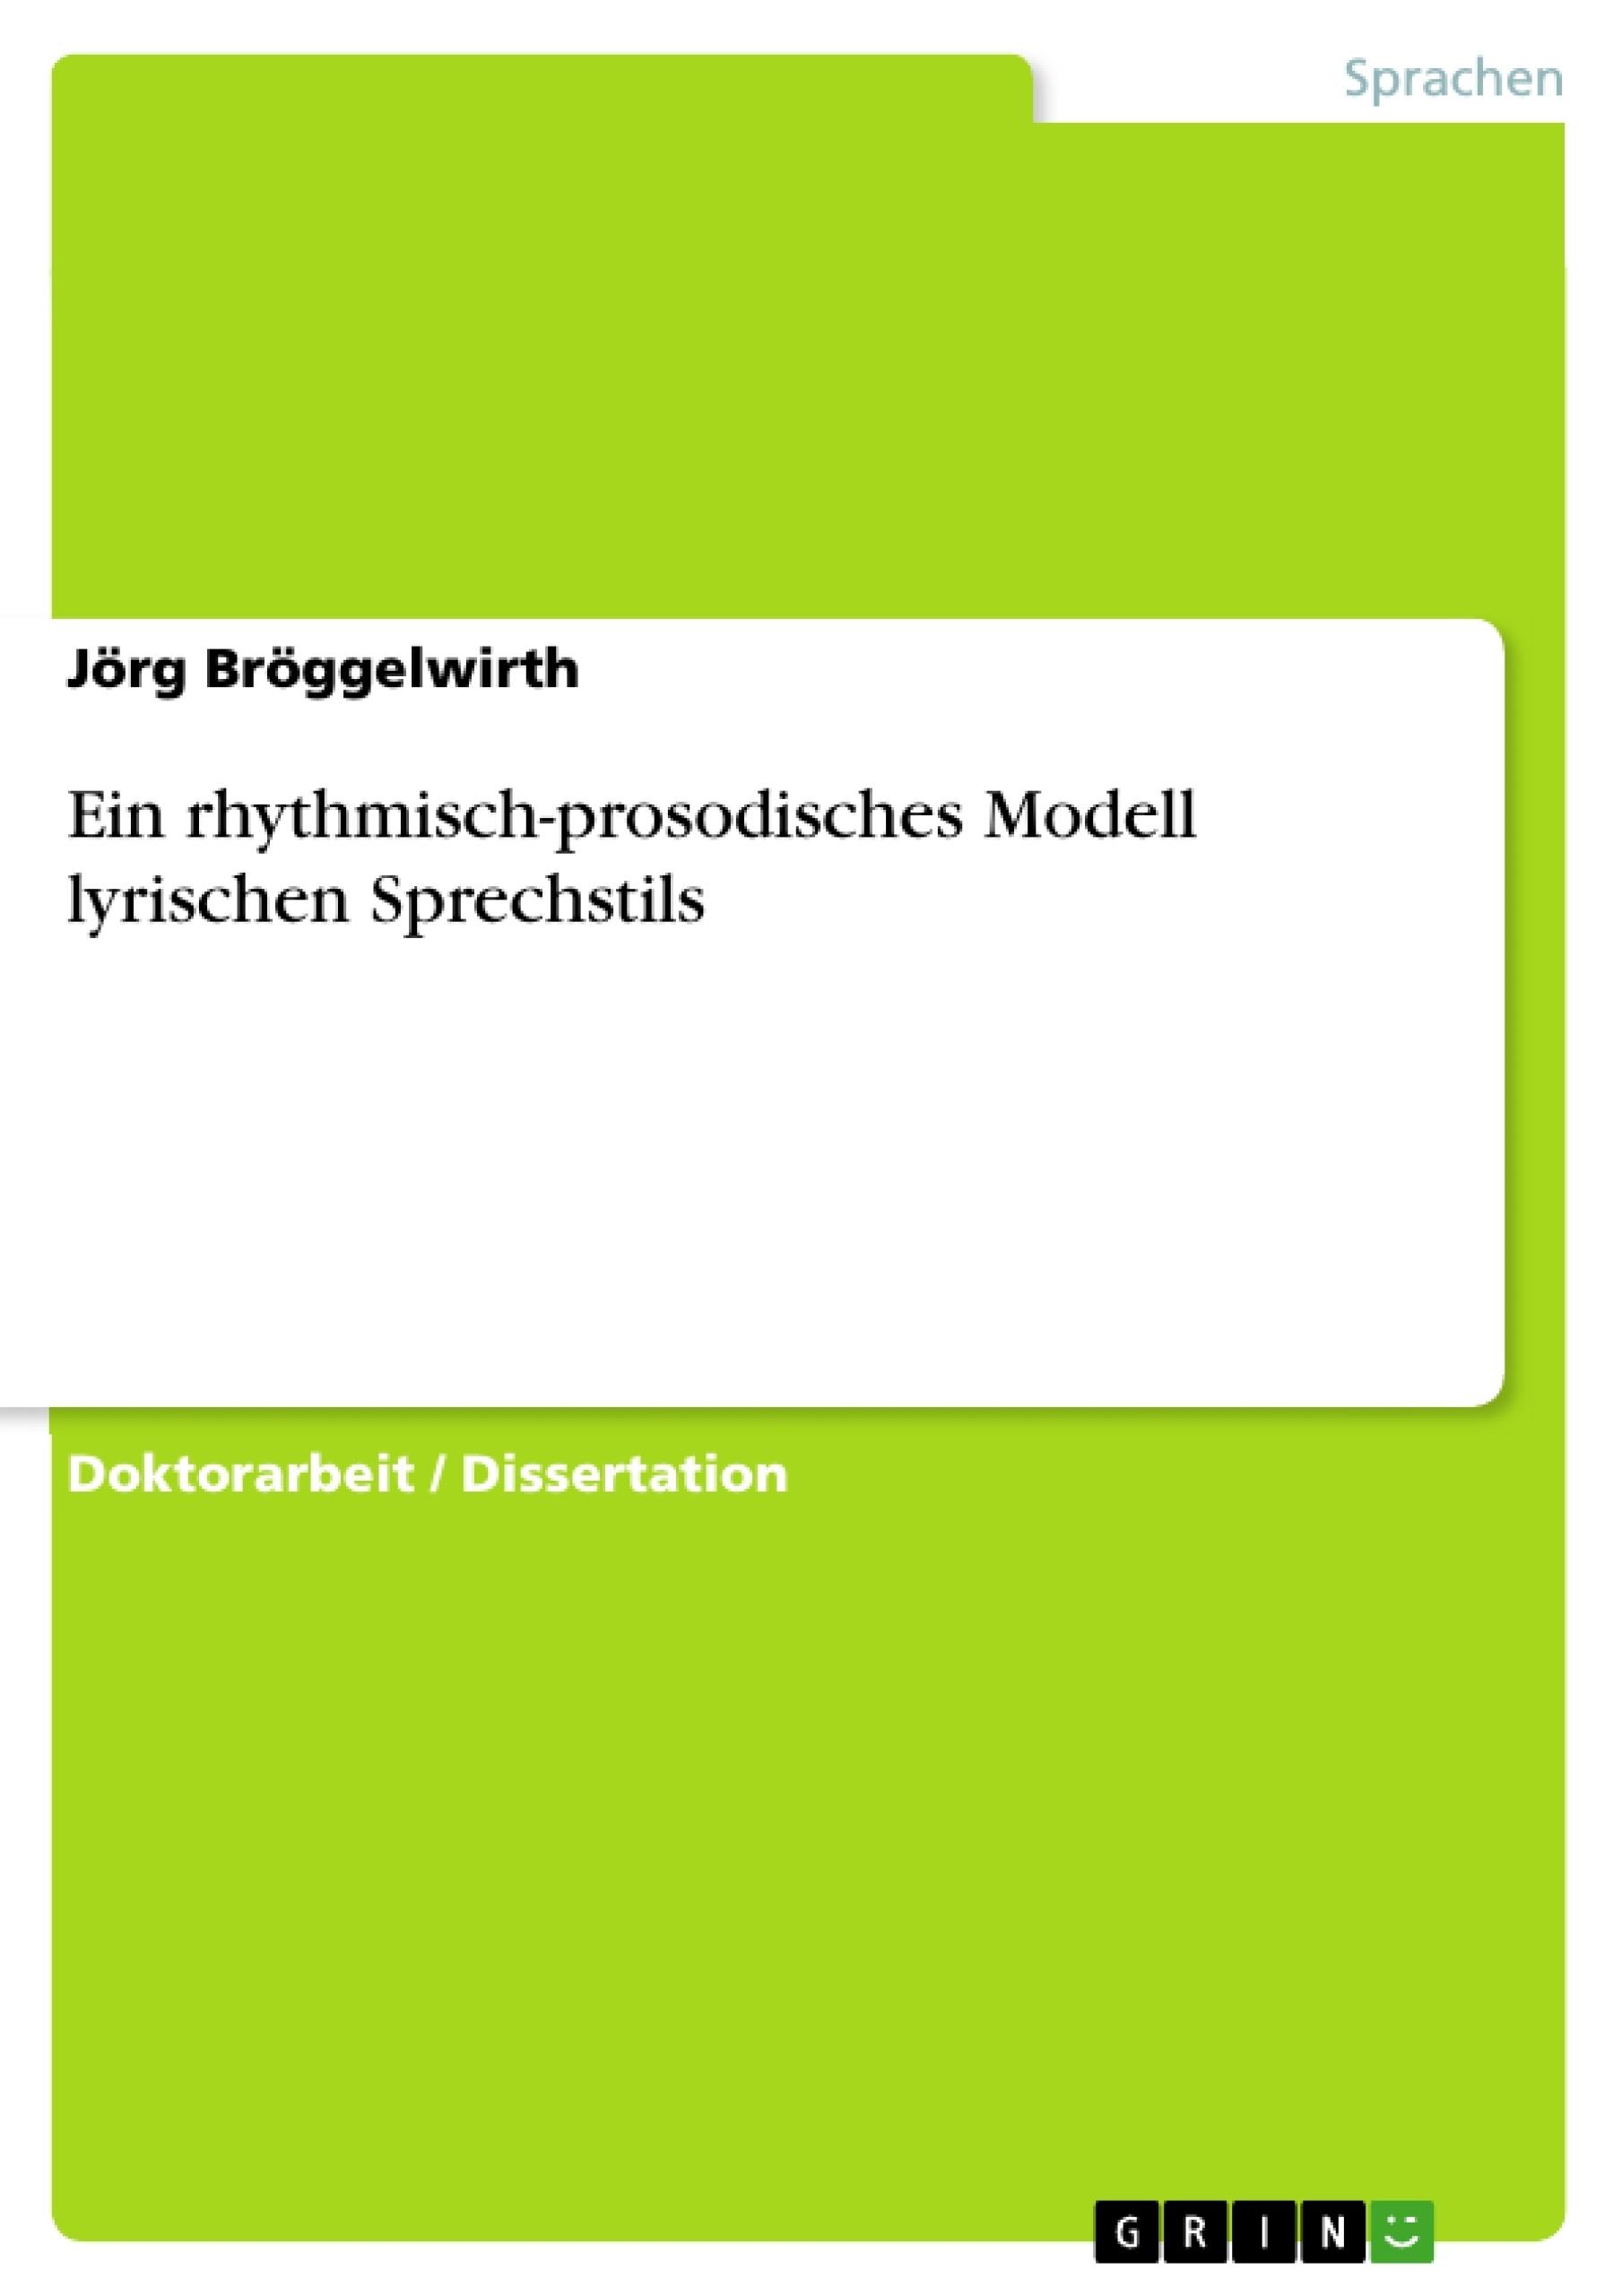 Titel: Ein rhythmisch-prosodisches Modell lyrischen Sprechstils